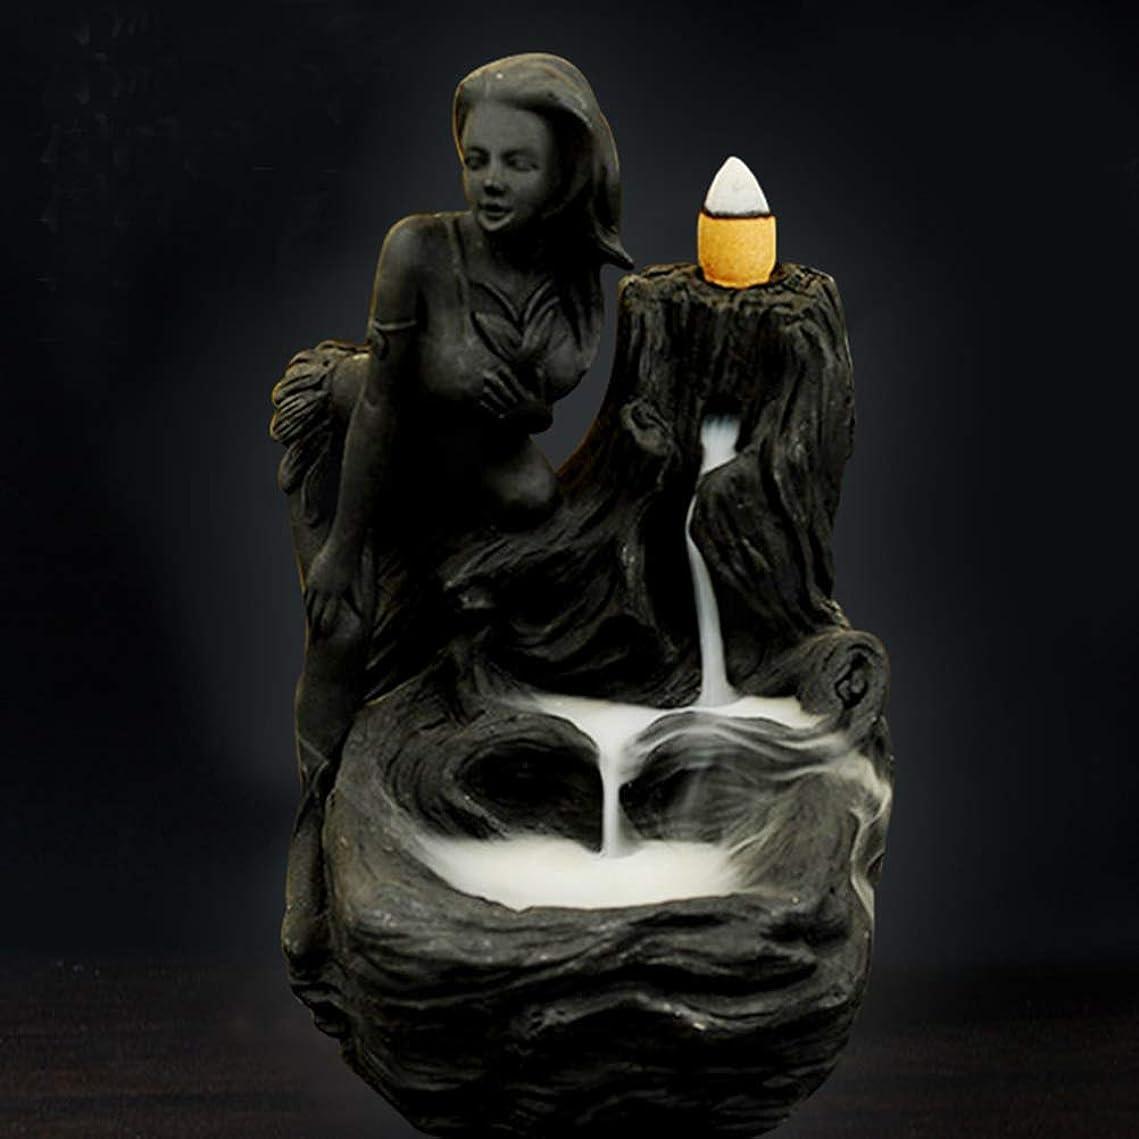 白内障手のひら最小化する女神香炉煙逆流タワー香炉香炉香炉ホルダー香炉ホームデコレーション